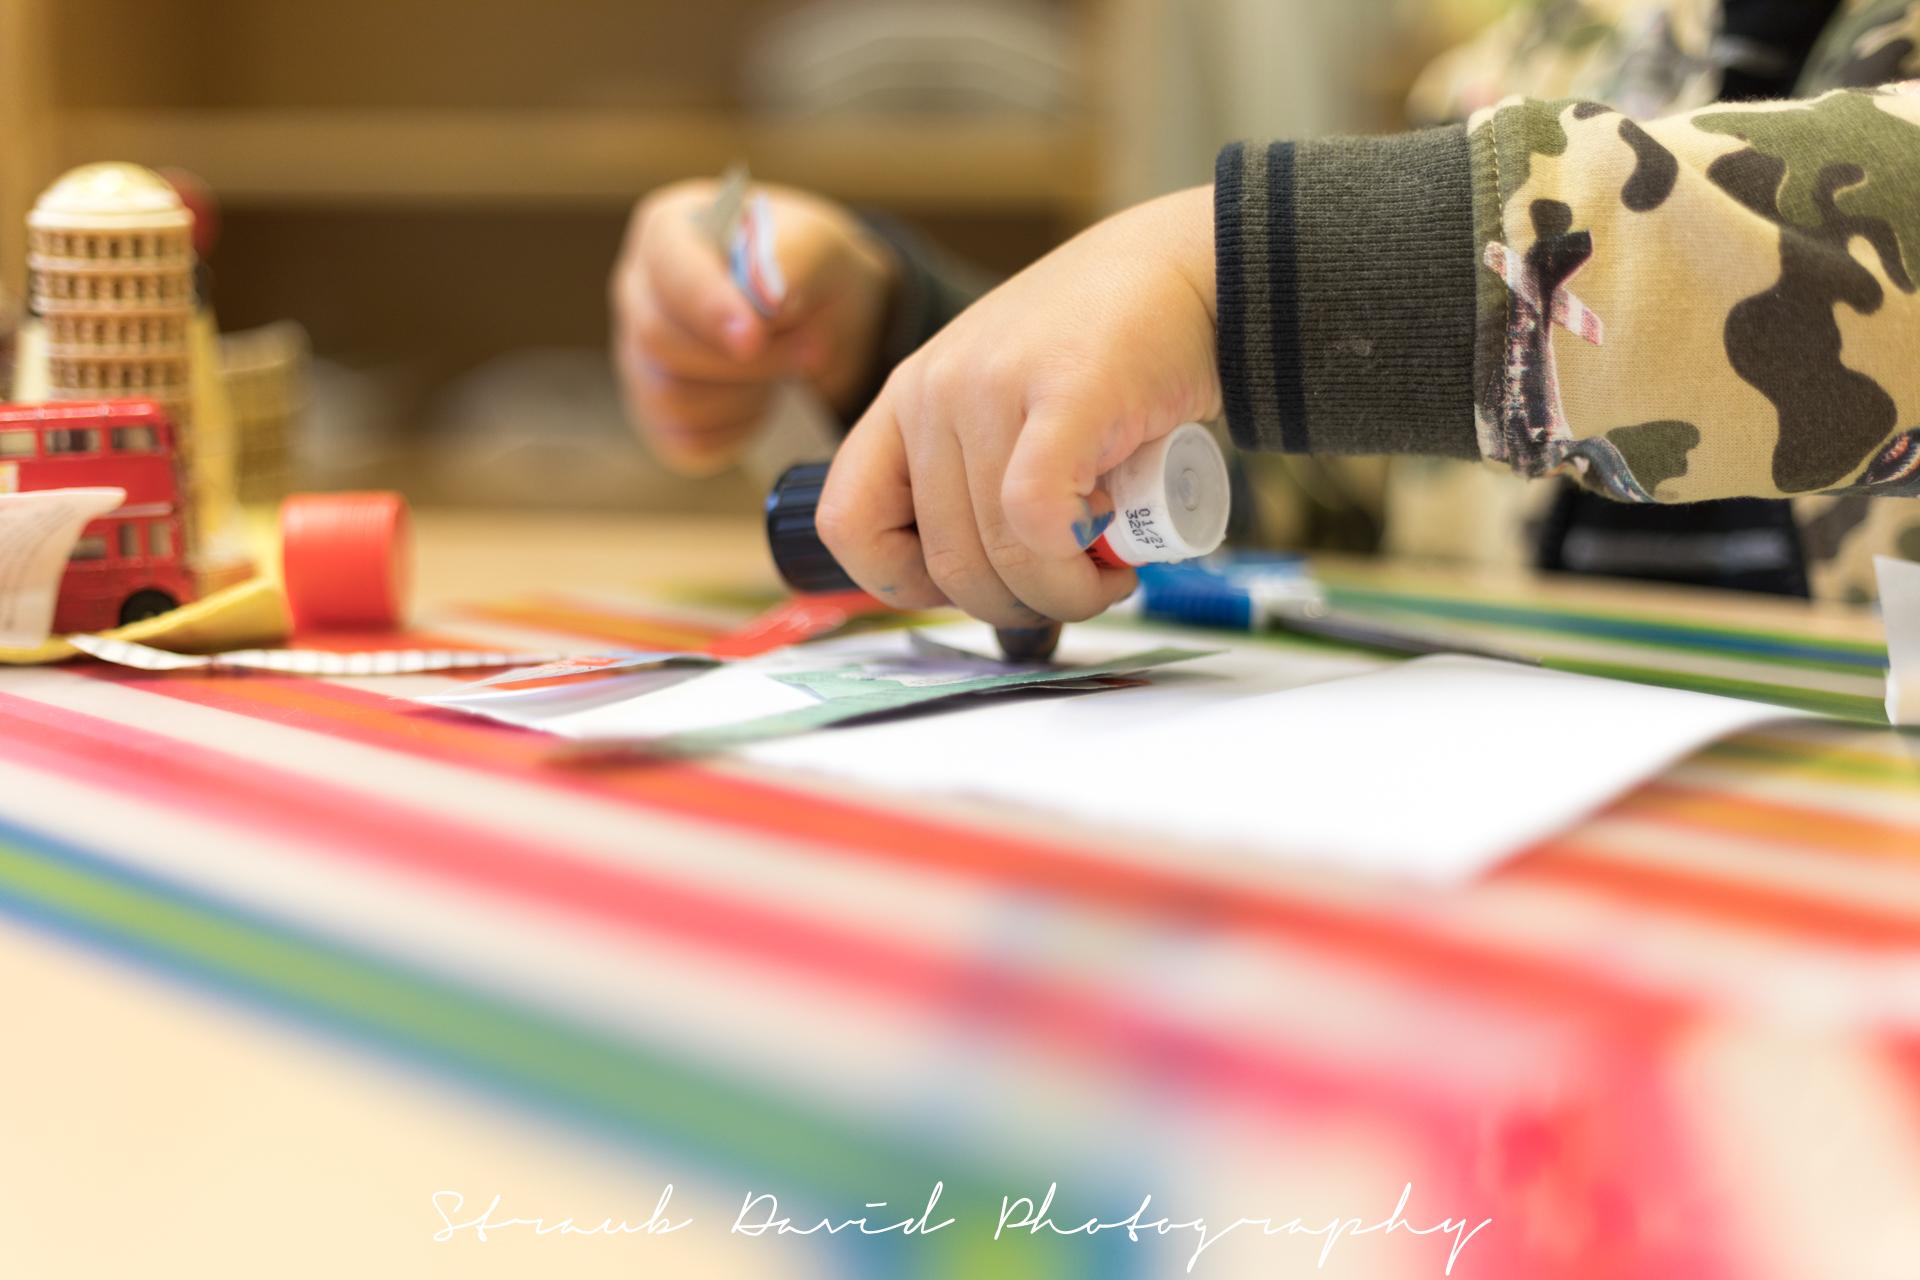 sunflower montessori crèche Luxembourg pencil artwork child hand